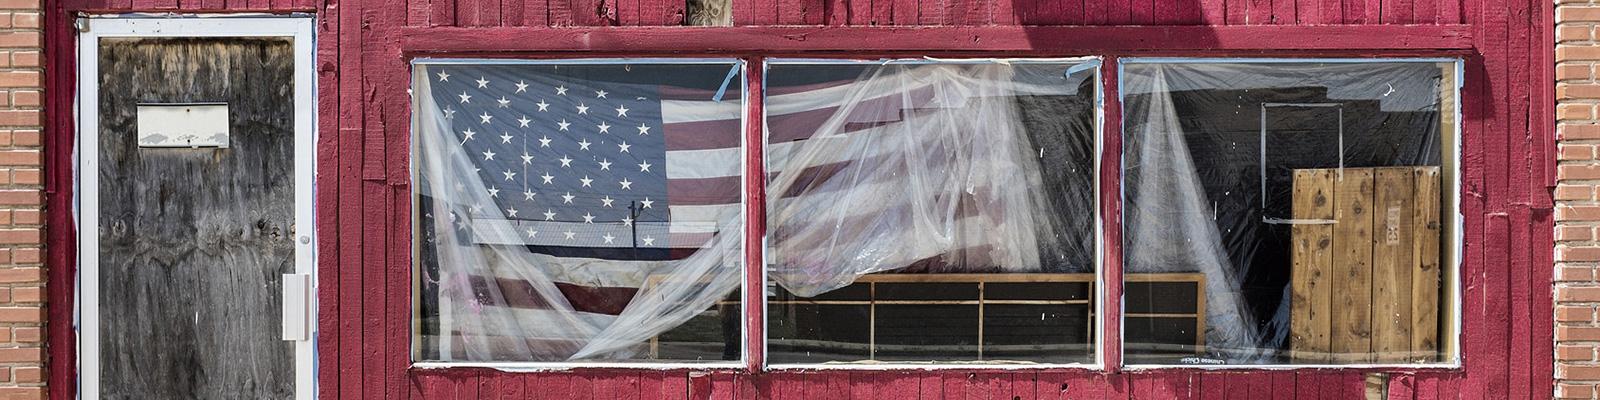 米国 イメージ